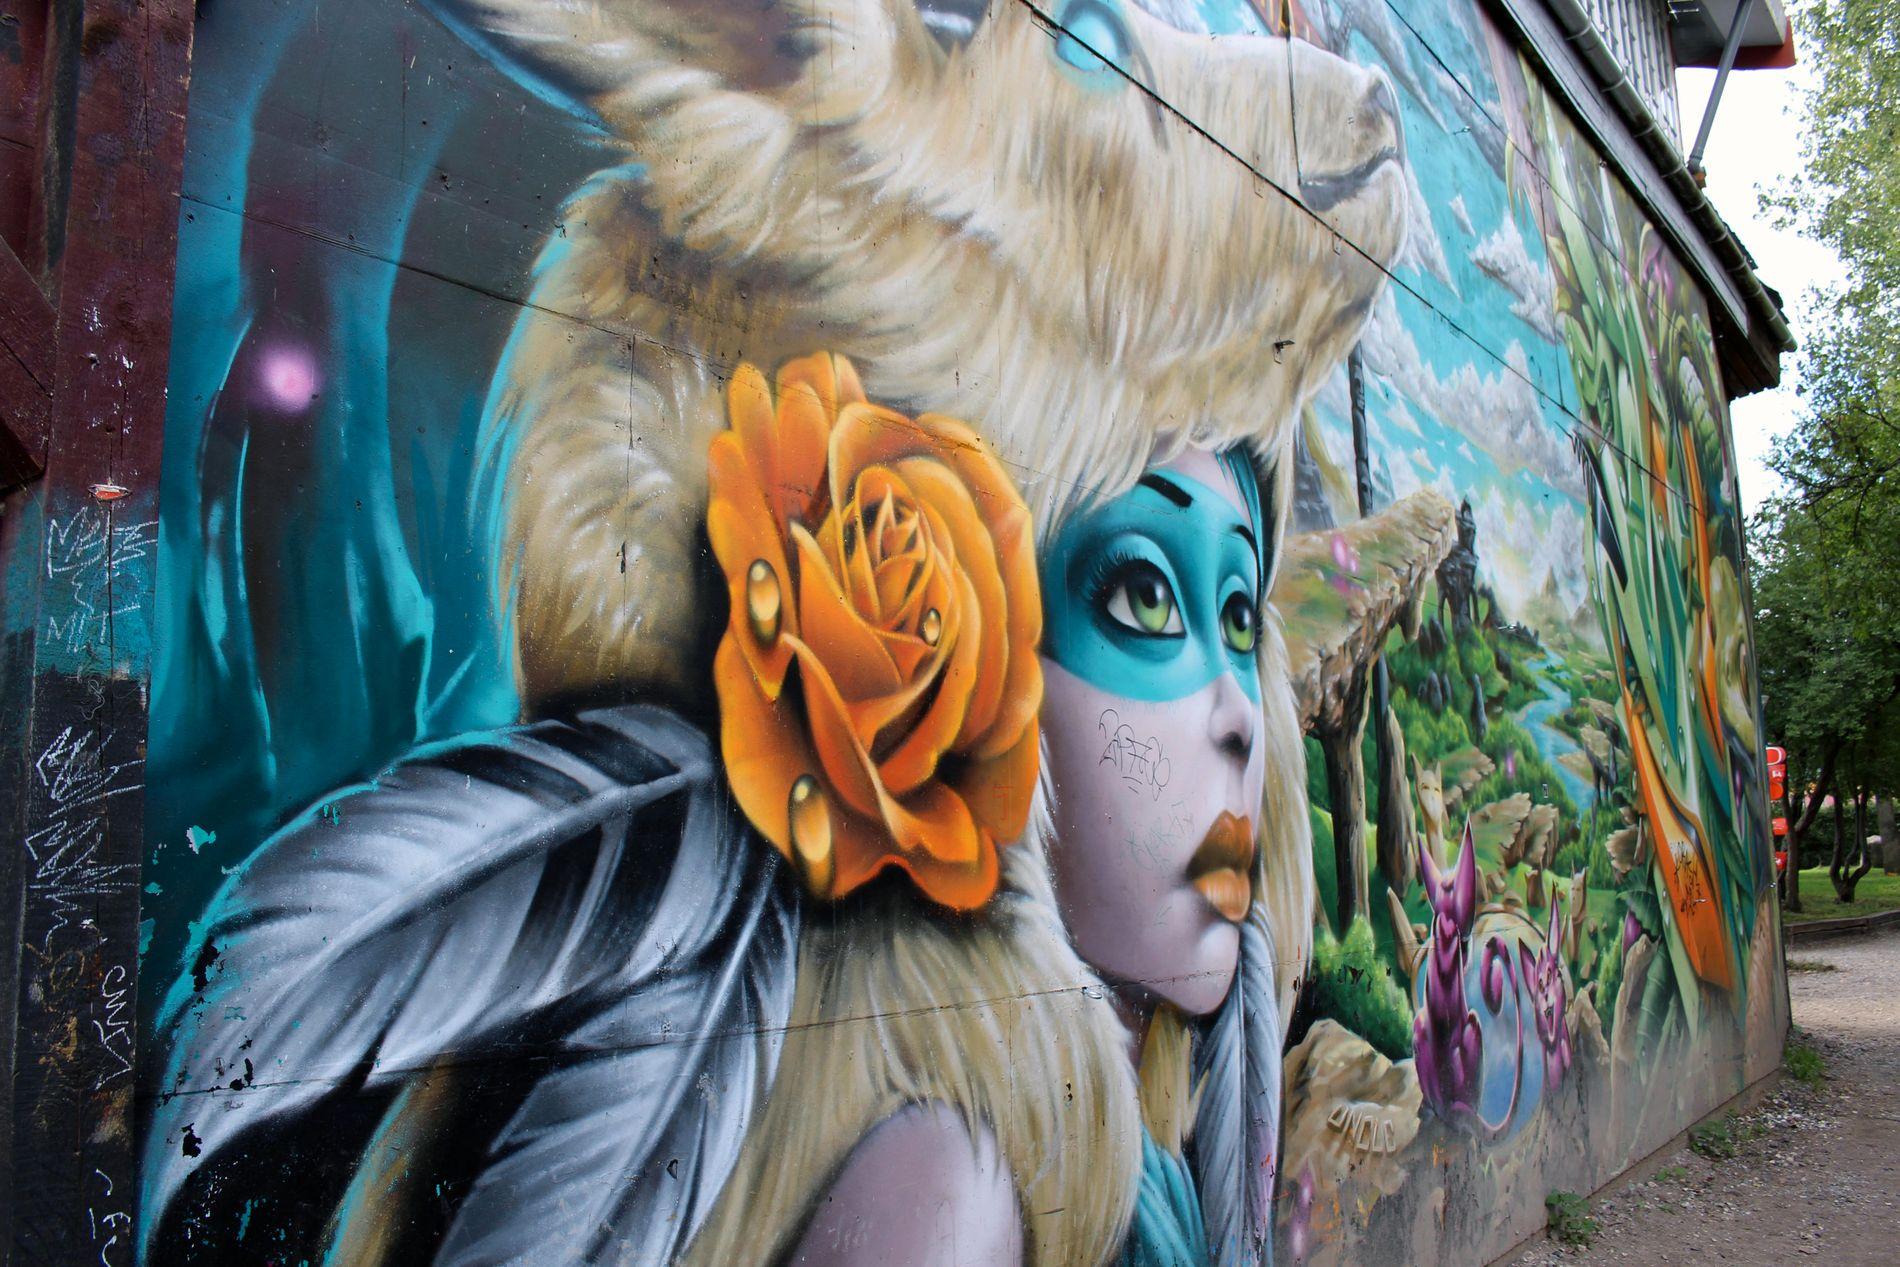 FARGERIKT: Graffiti og tagging pryder veggene i store deler av området.